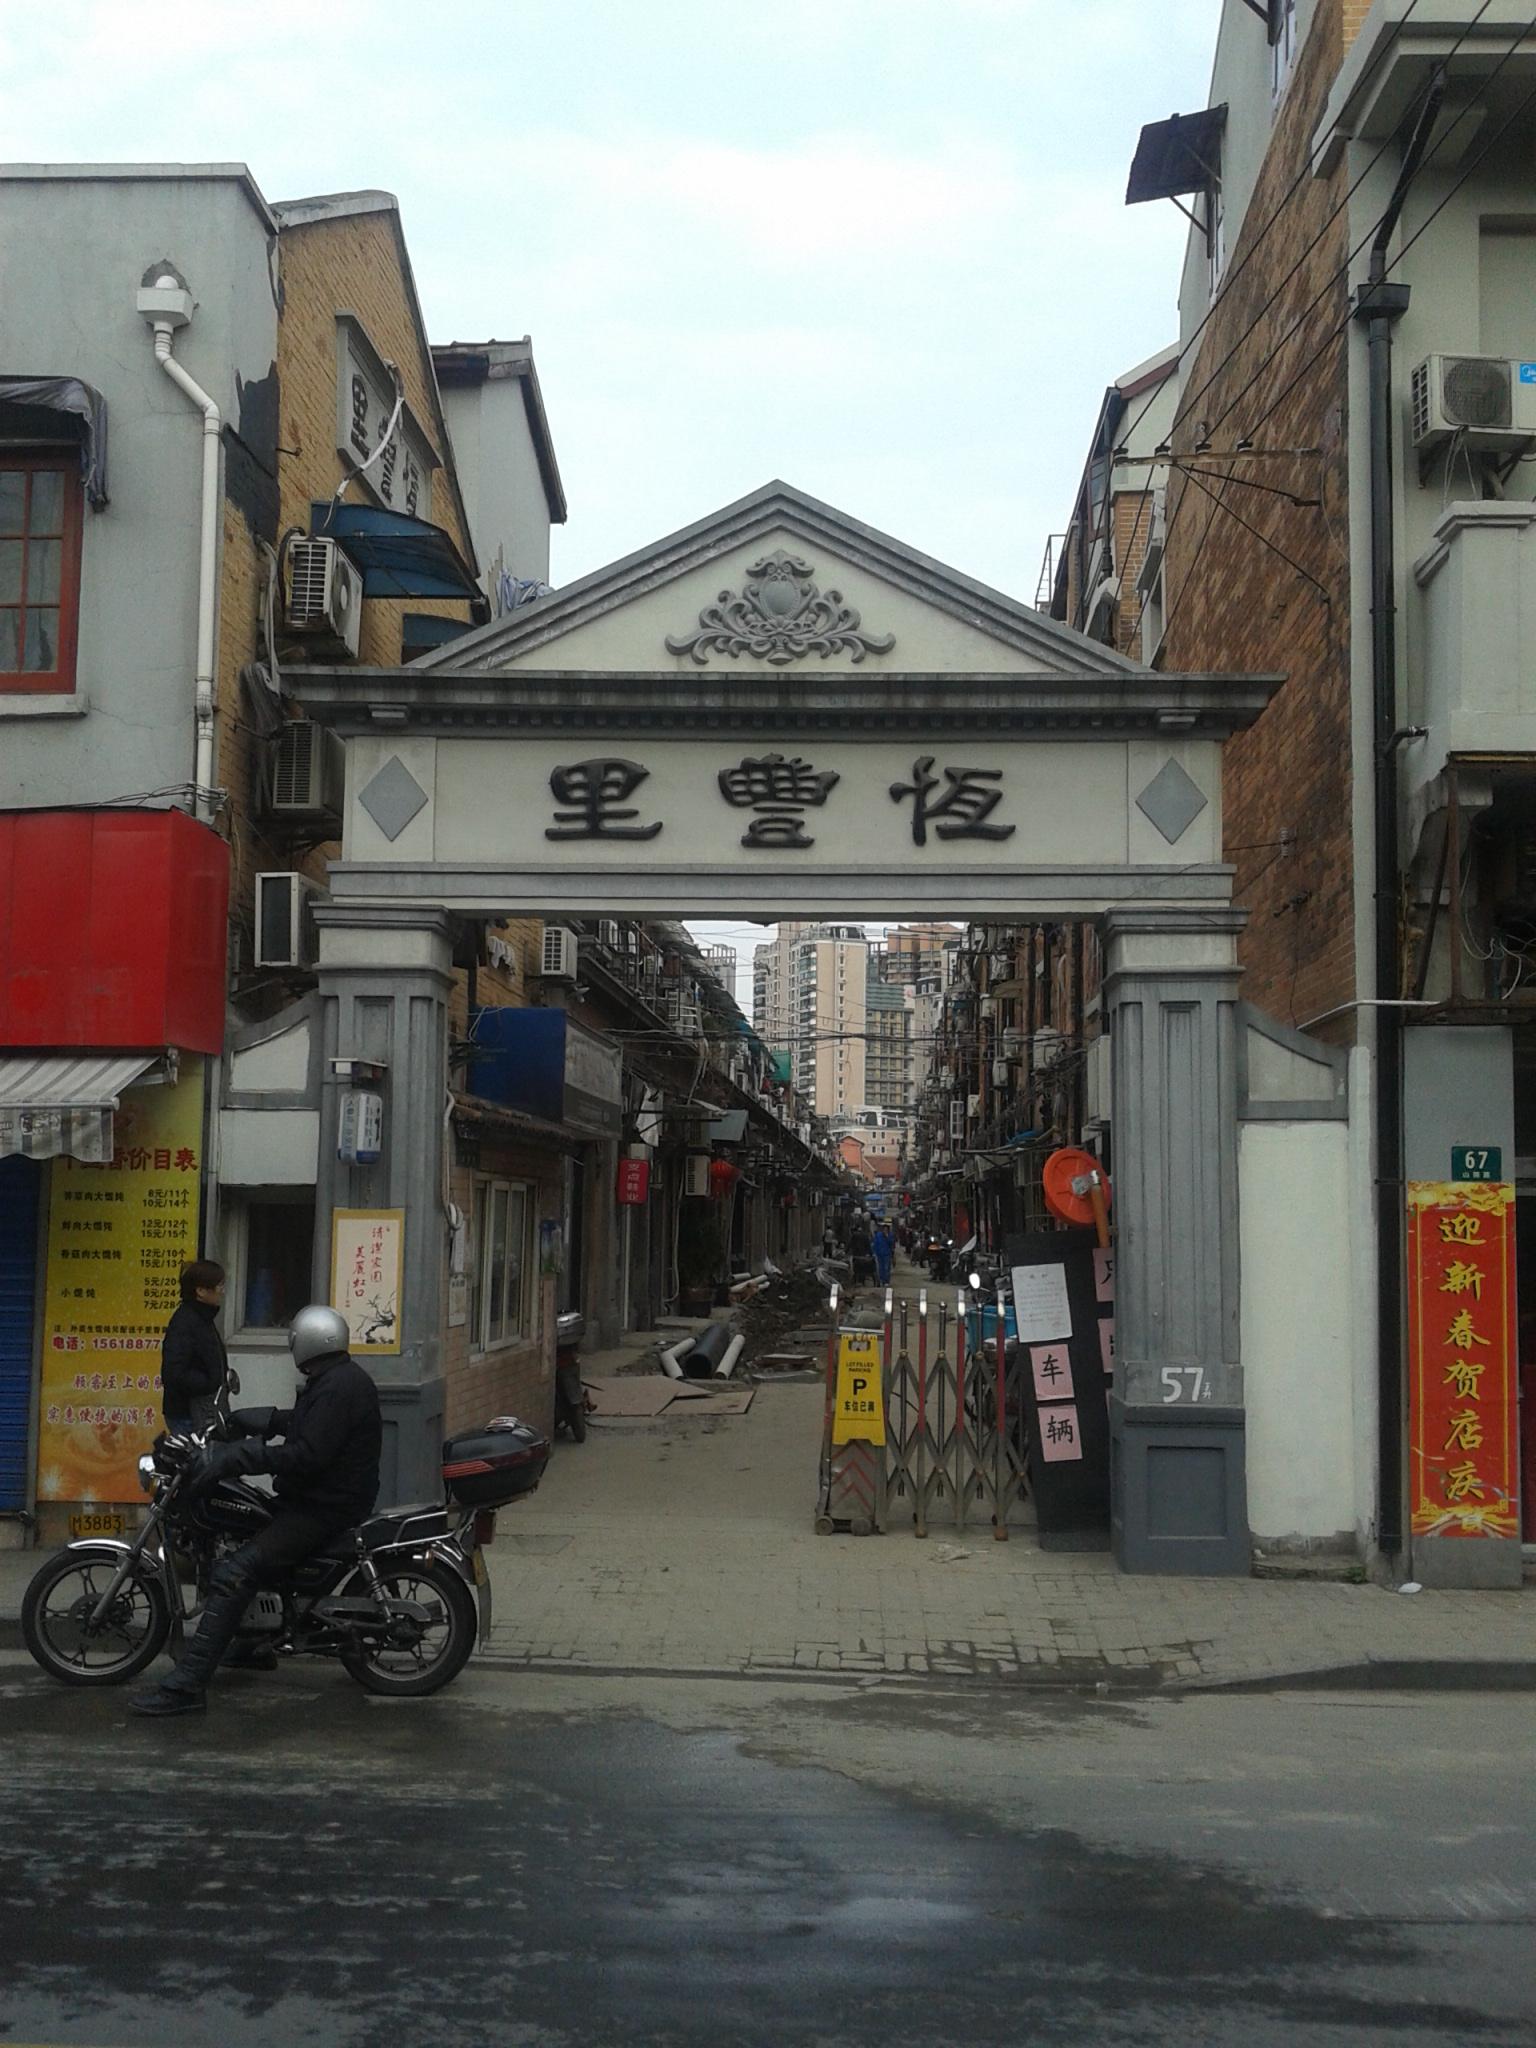 Sikátor - Hongkou (虹口区), Shanghai